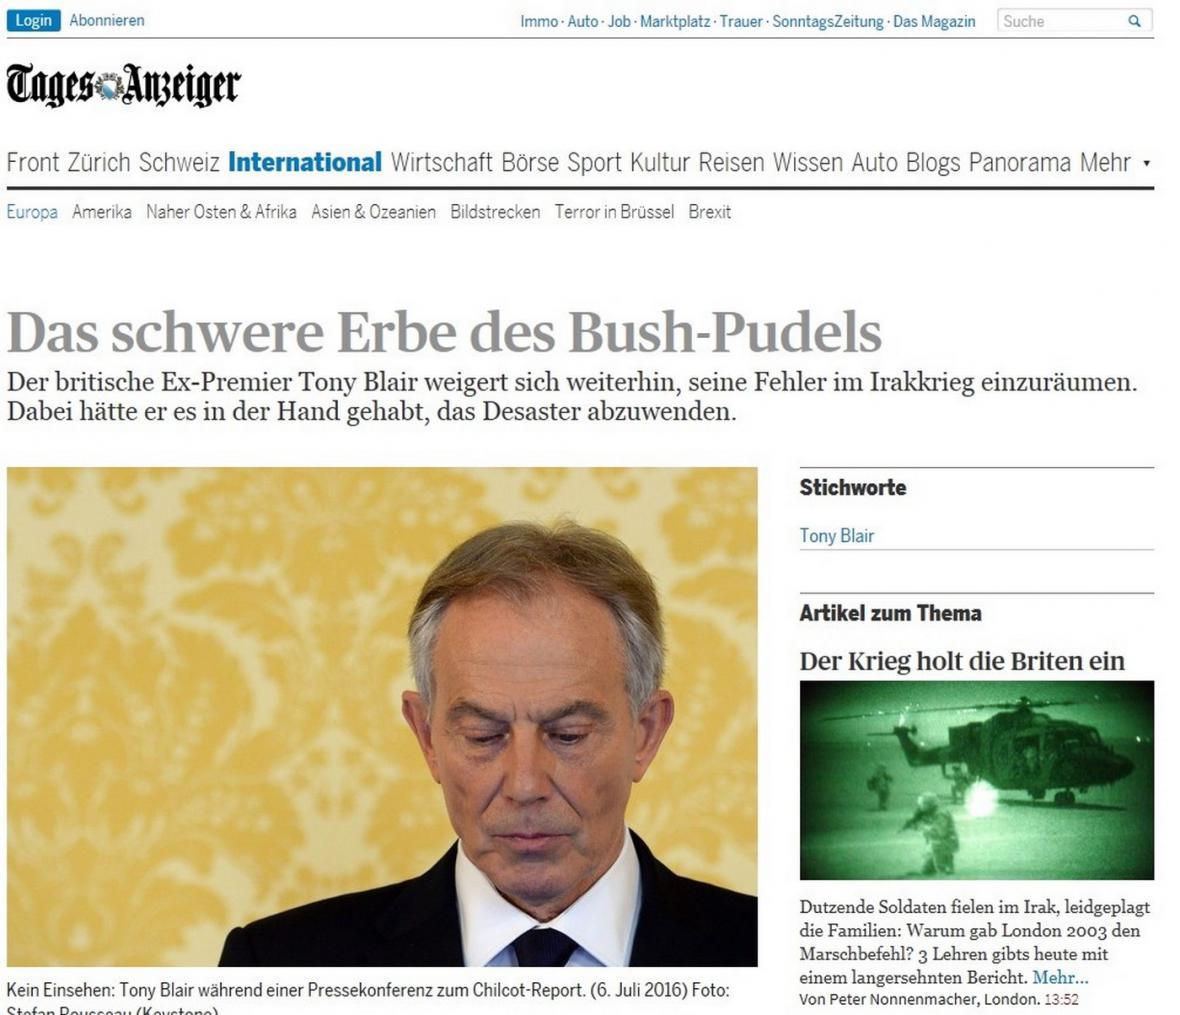 Tages-Anzeiger píše o bbritské vyšetřovací zprávě